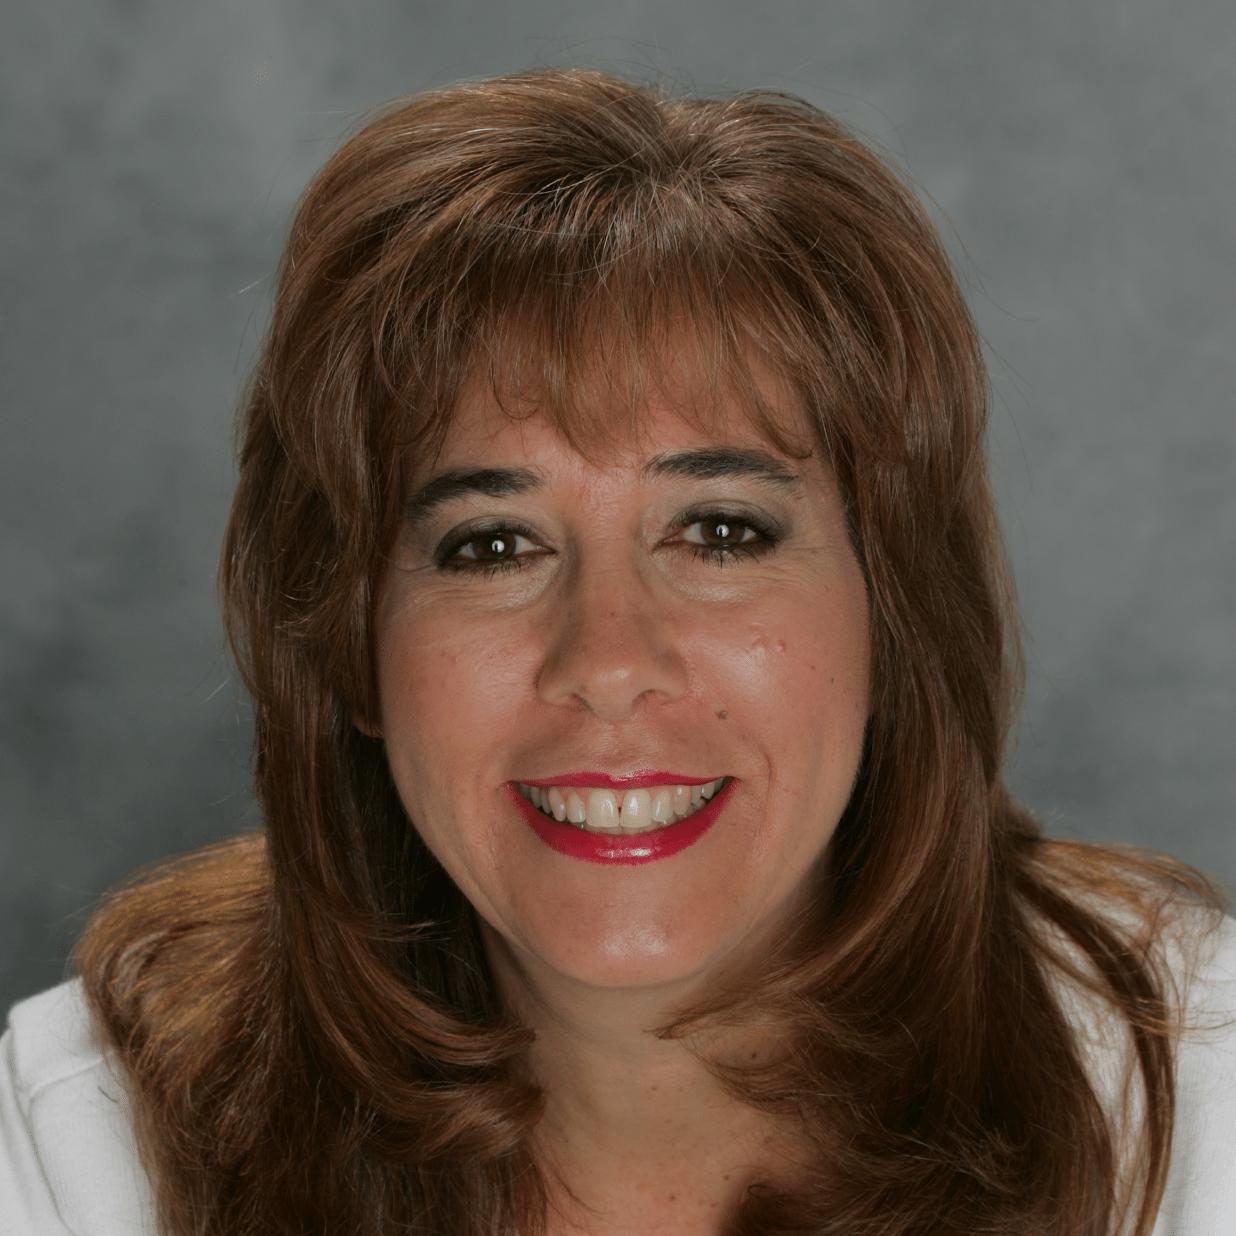 Rhonda Rees-Press Release Examples